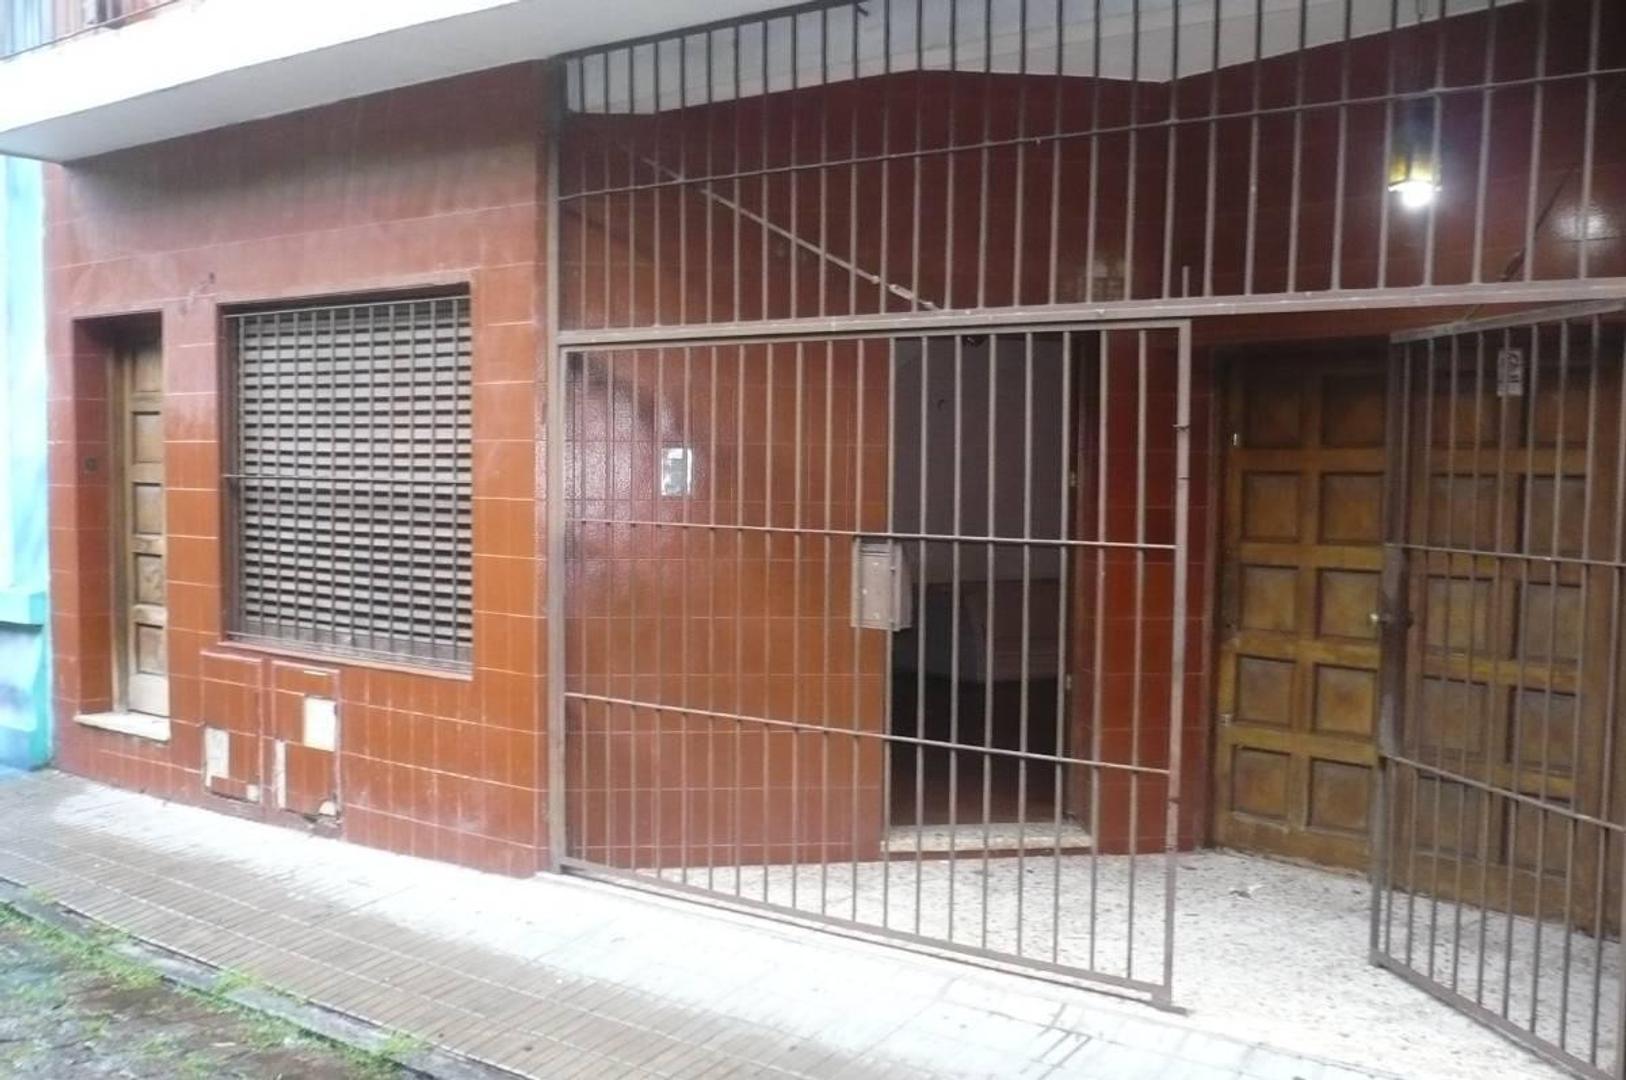 Casa en Venta en Palermo Soho - 6 ambientes